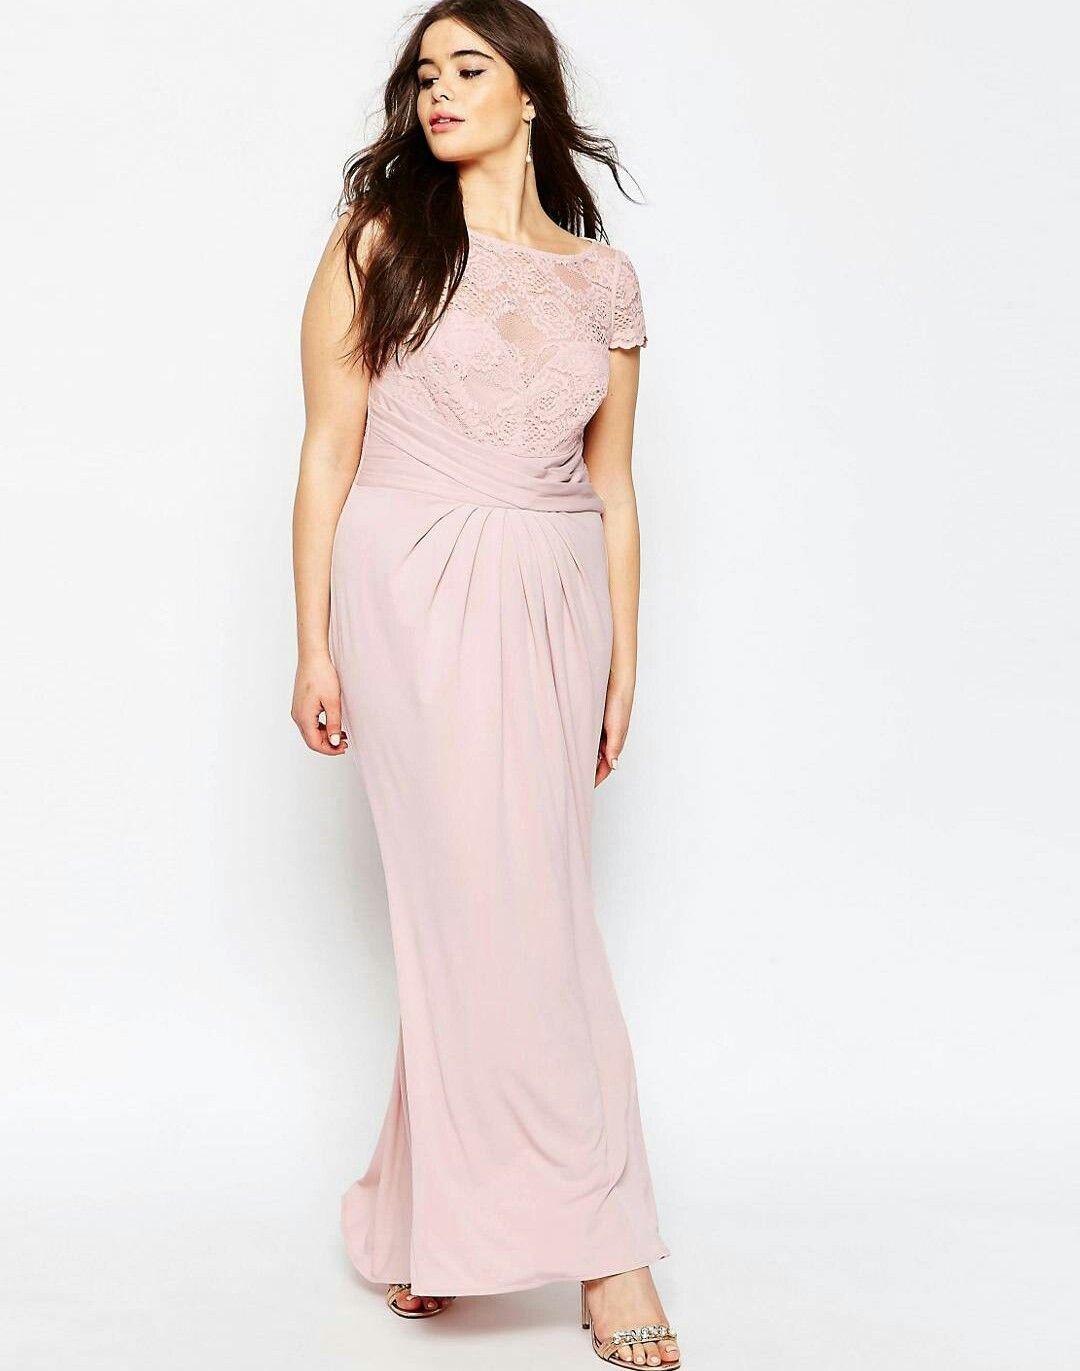 Ausgezeichnet Kleid Von Hochzeitsgast Fotos - Brautkleider Ideen ...